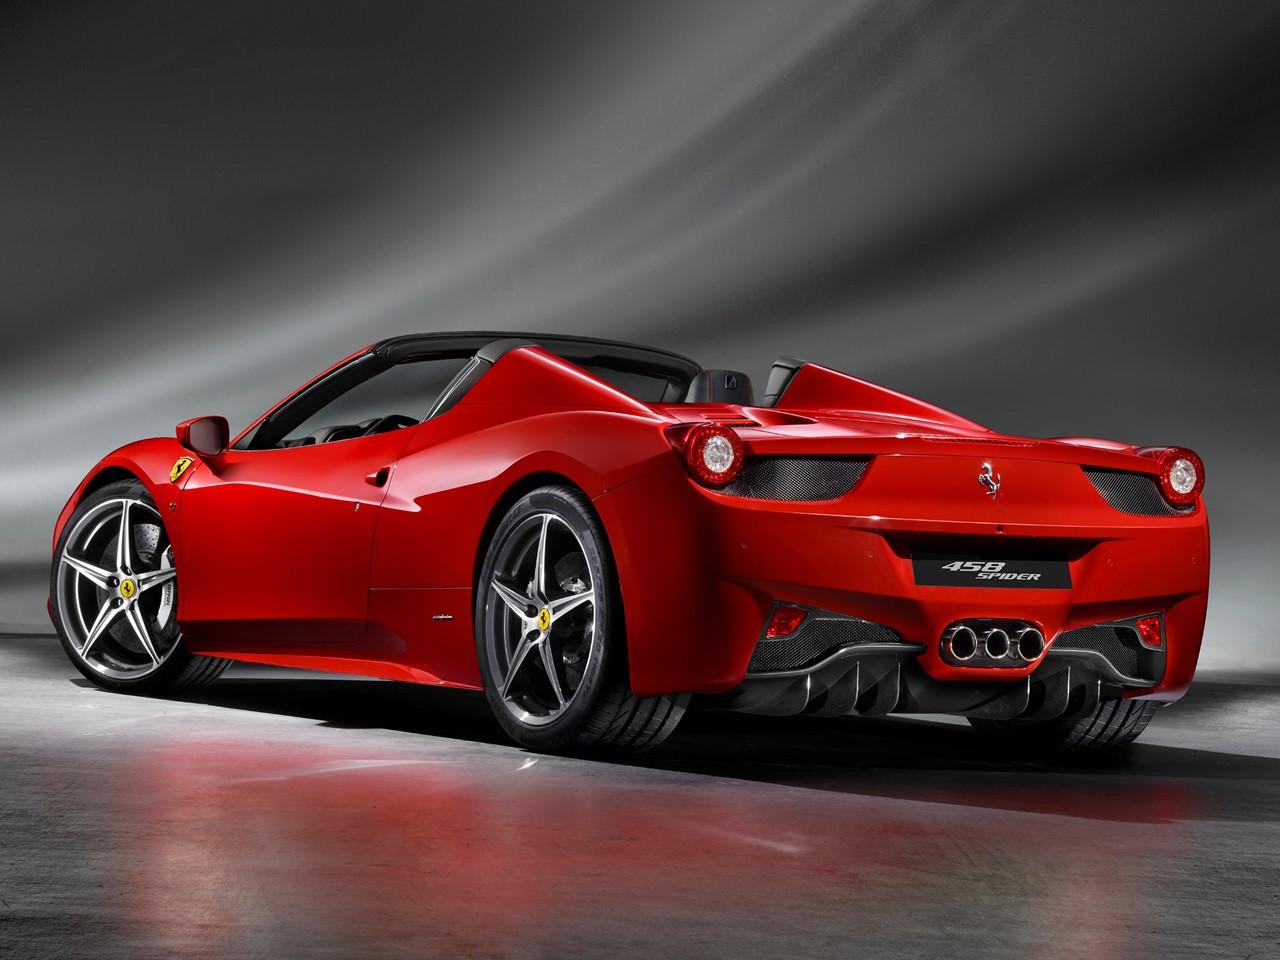 2015 Ferrari 458 Spider Reviews, Specs and Prices | Cars.com